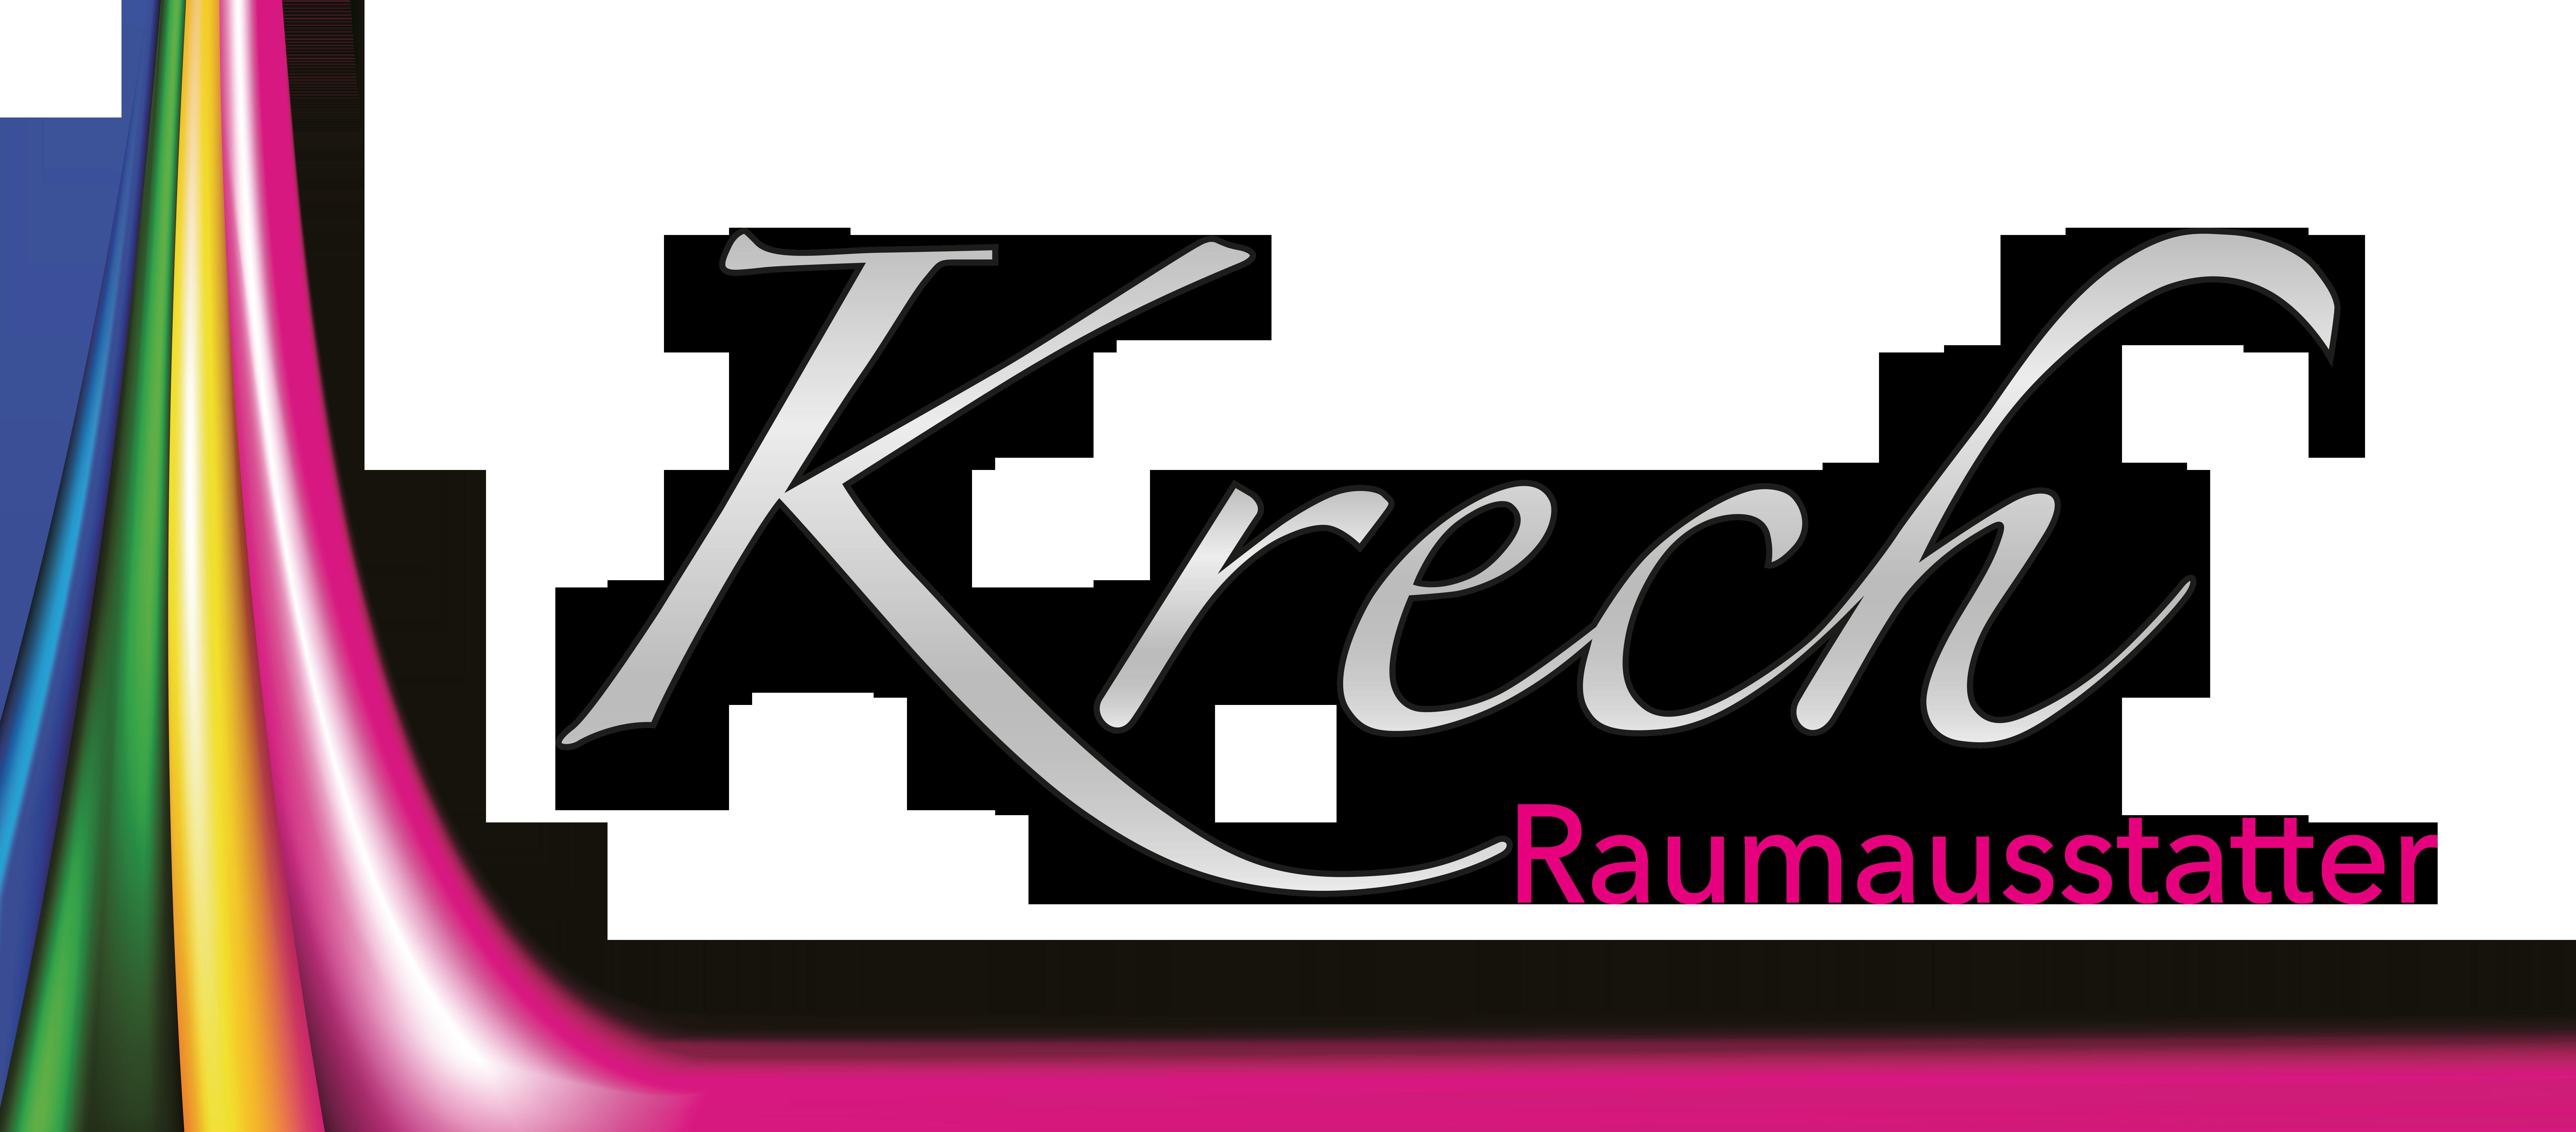 Krech-Raumausstatter